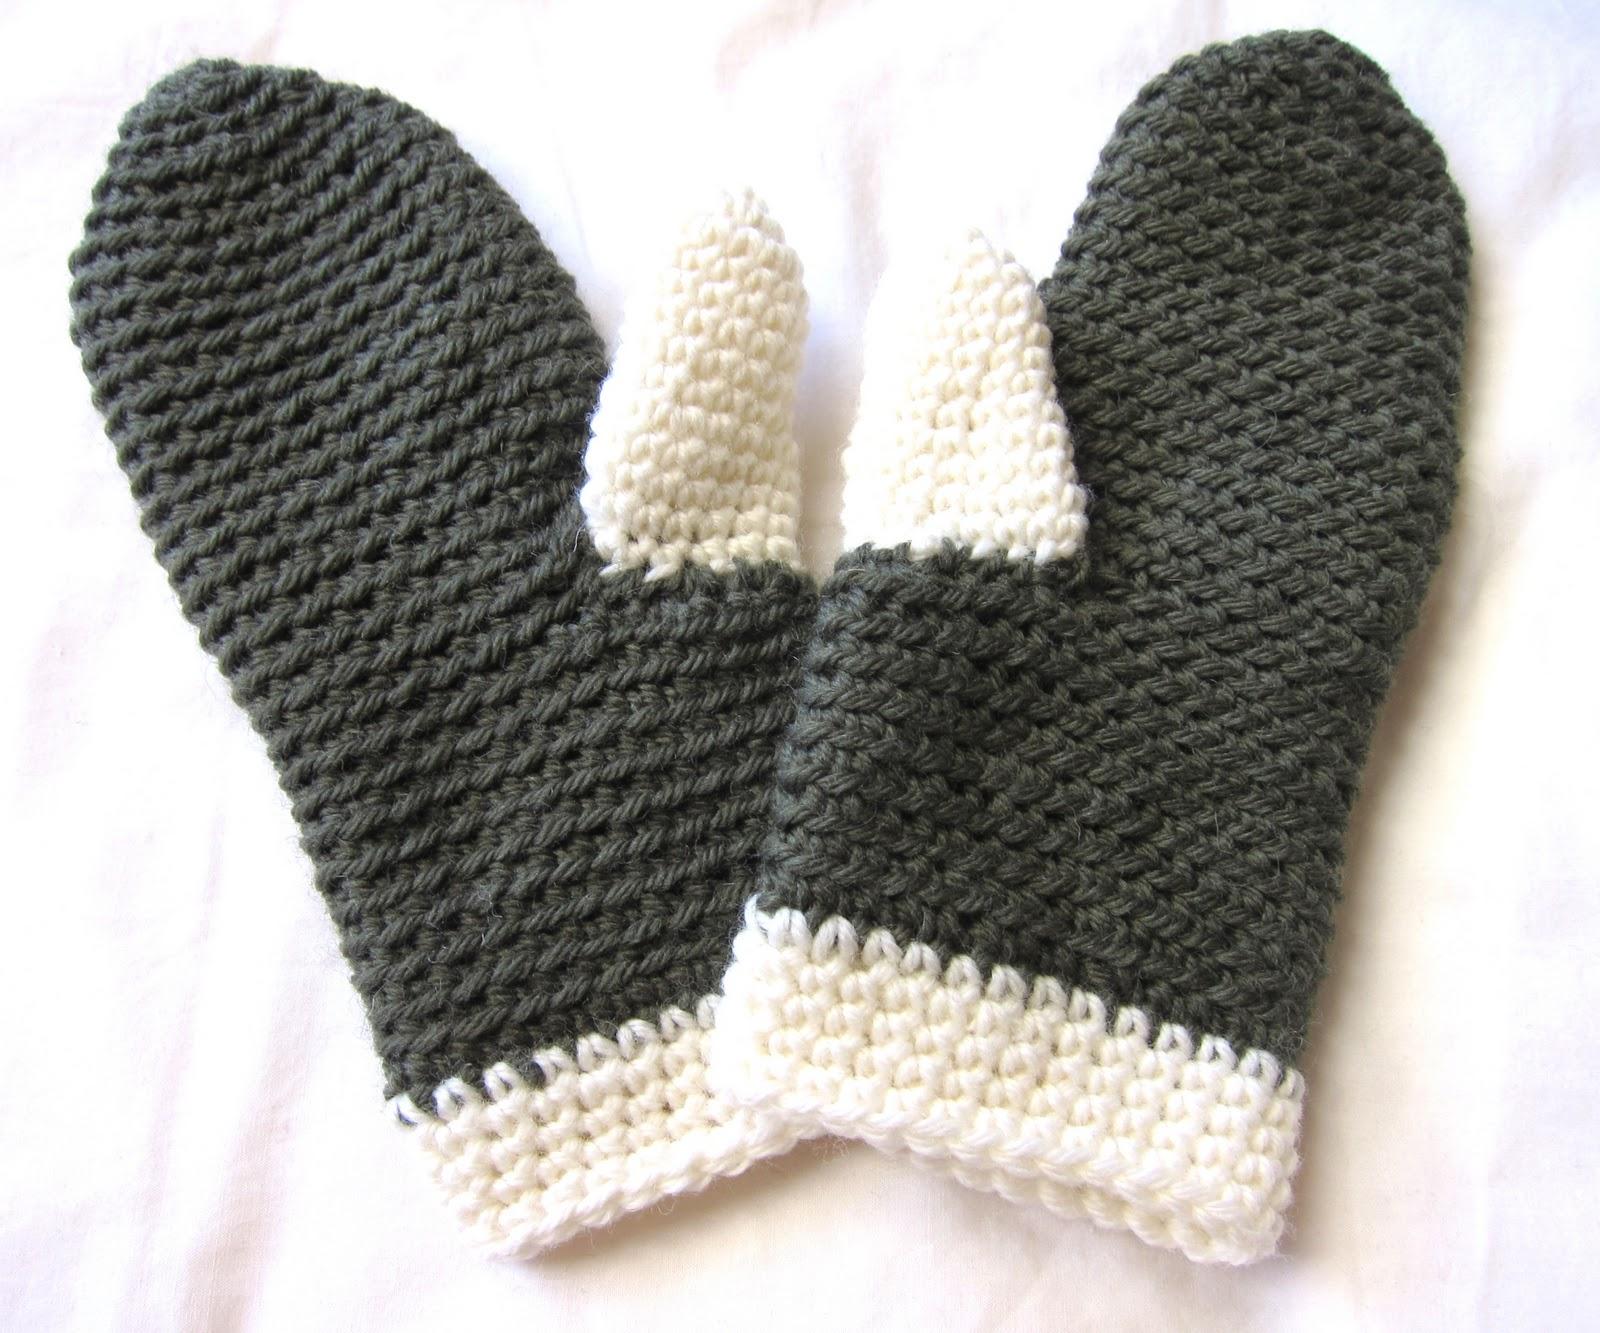 Crochet Mittens : Crochet Mittens Labels: crochet mittens, full